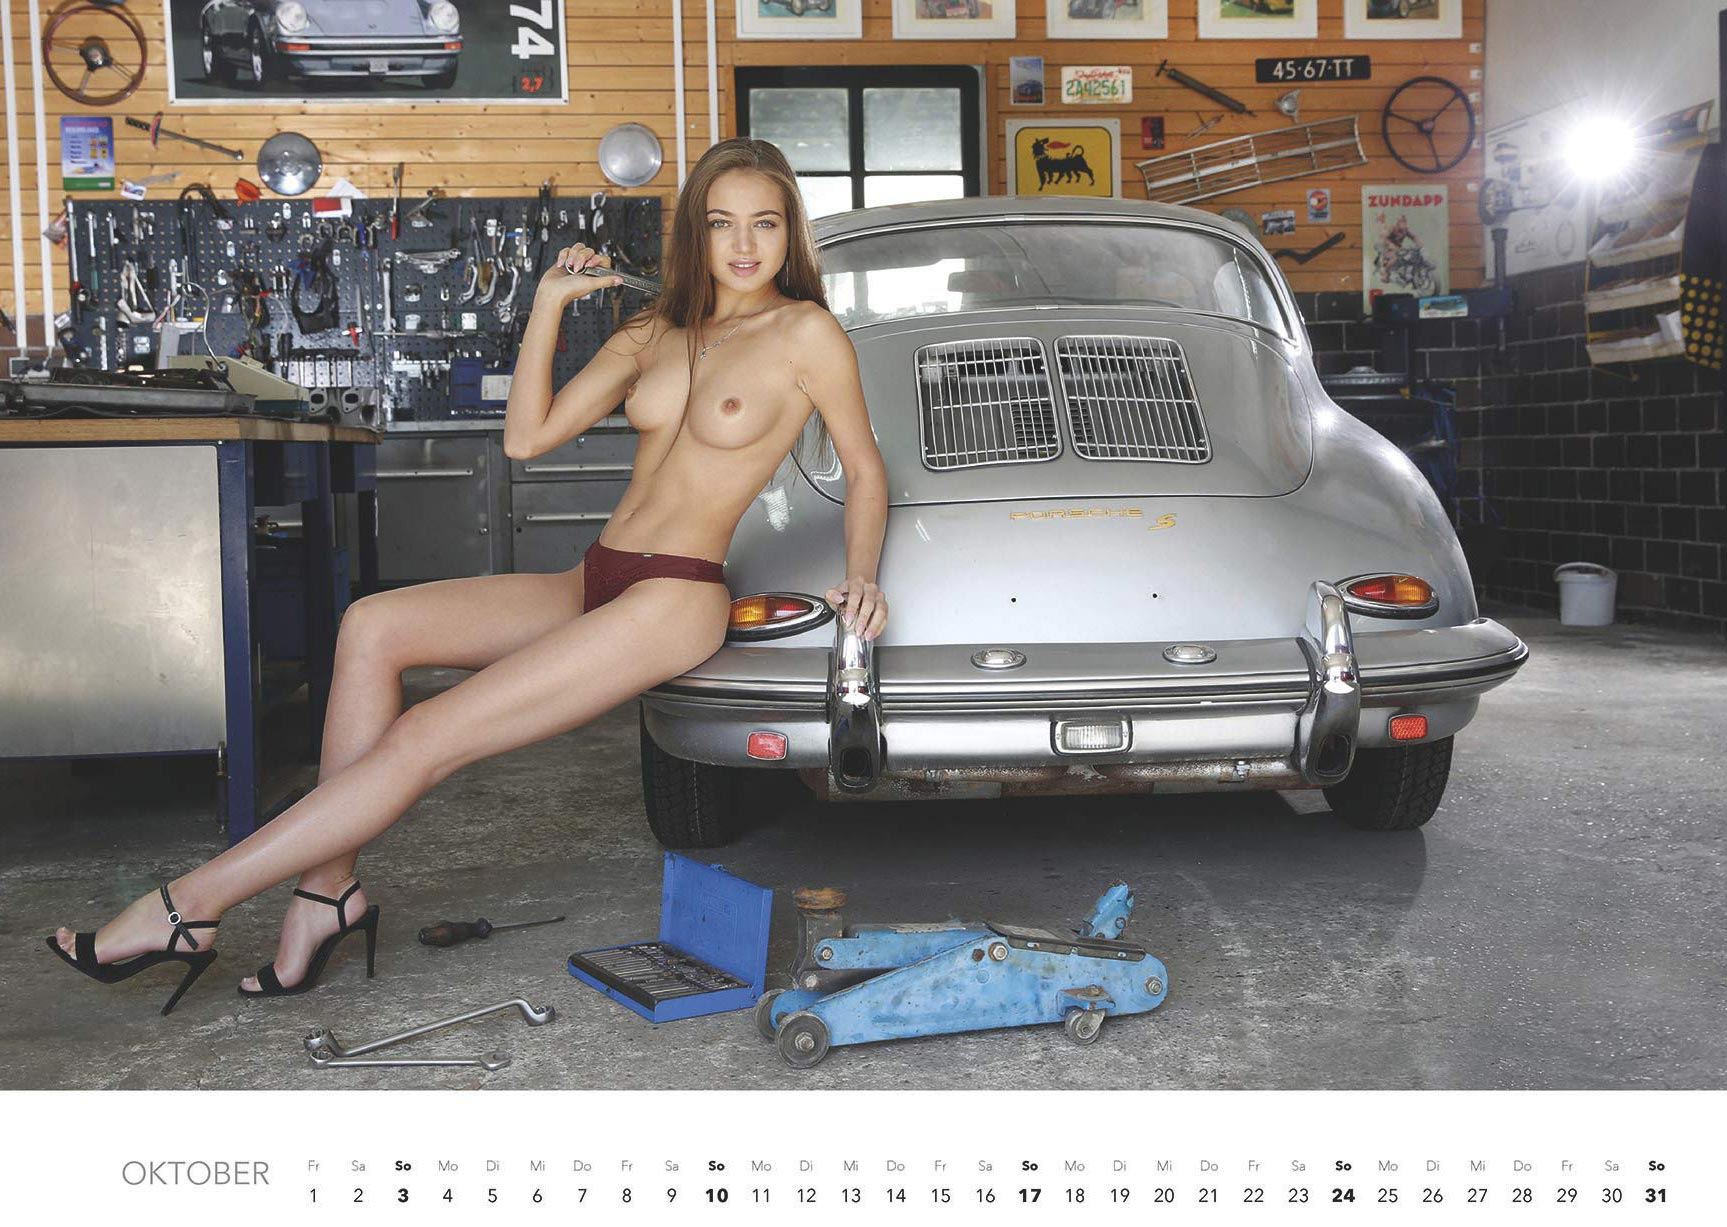 Эротический авто-календарь -Отвертка мечты 2021- / октябрь